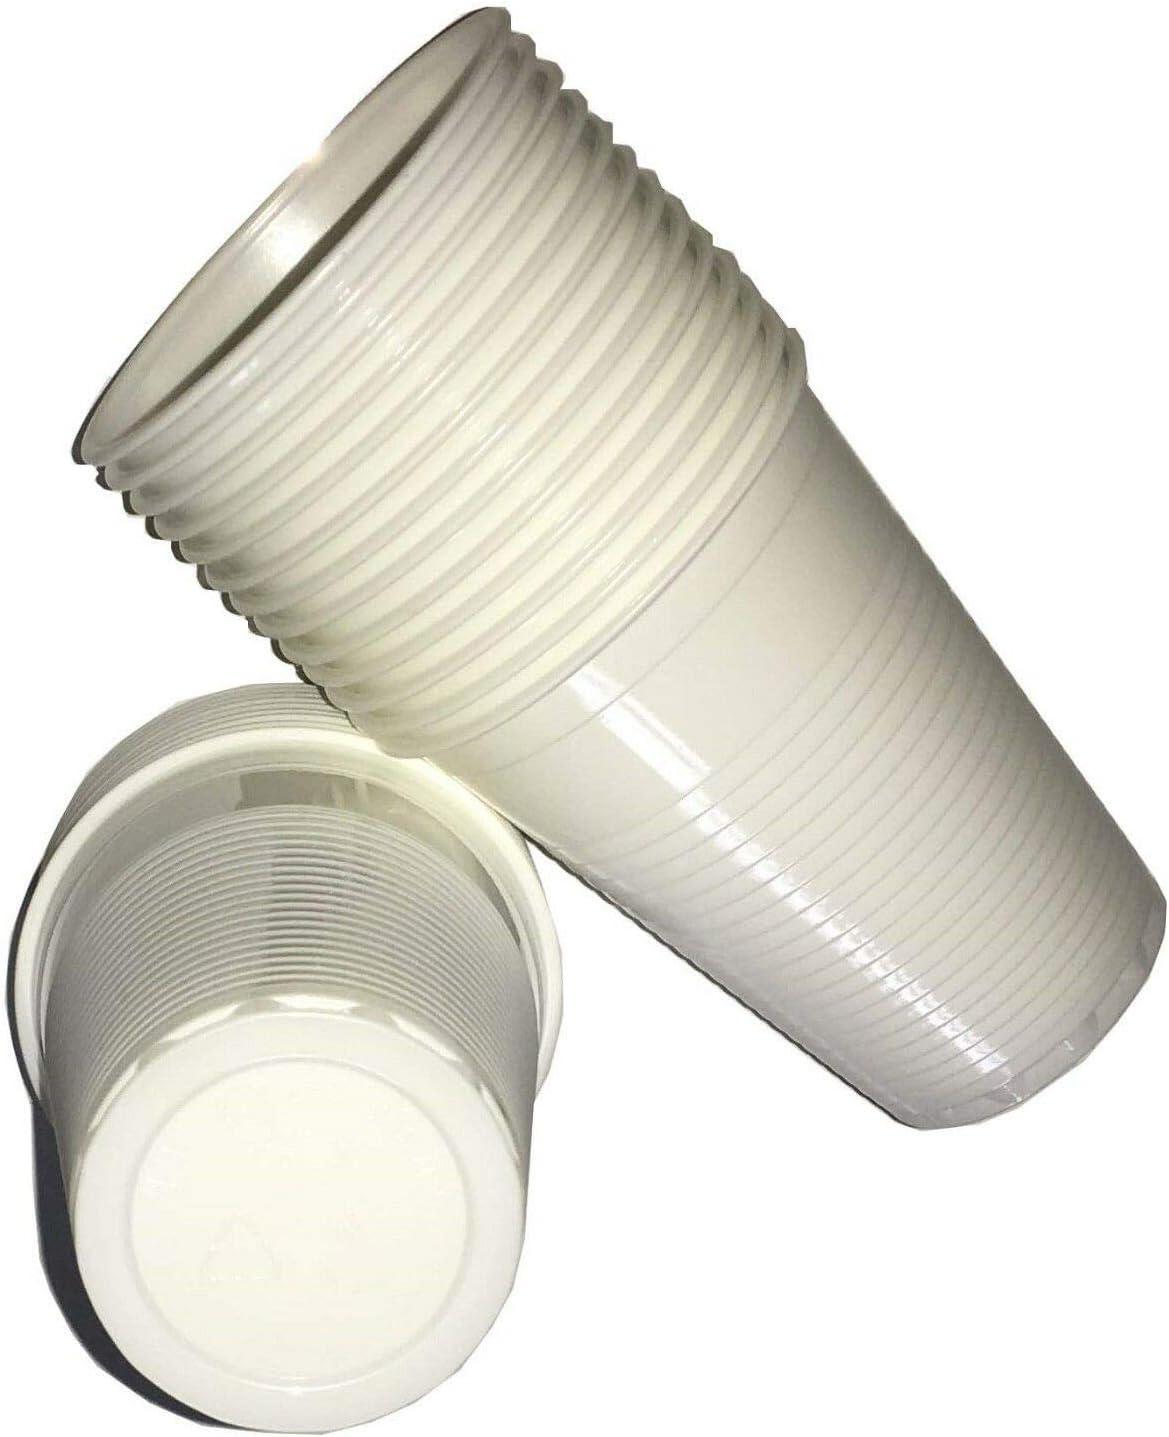 EliteKoopers 7oz desechables blanco tazas de plástico agua máquina expendedora de vidrio de beber